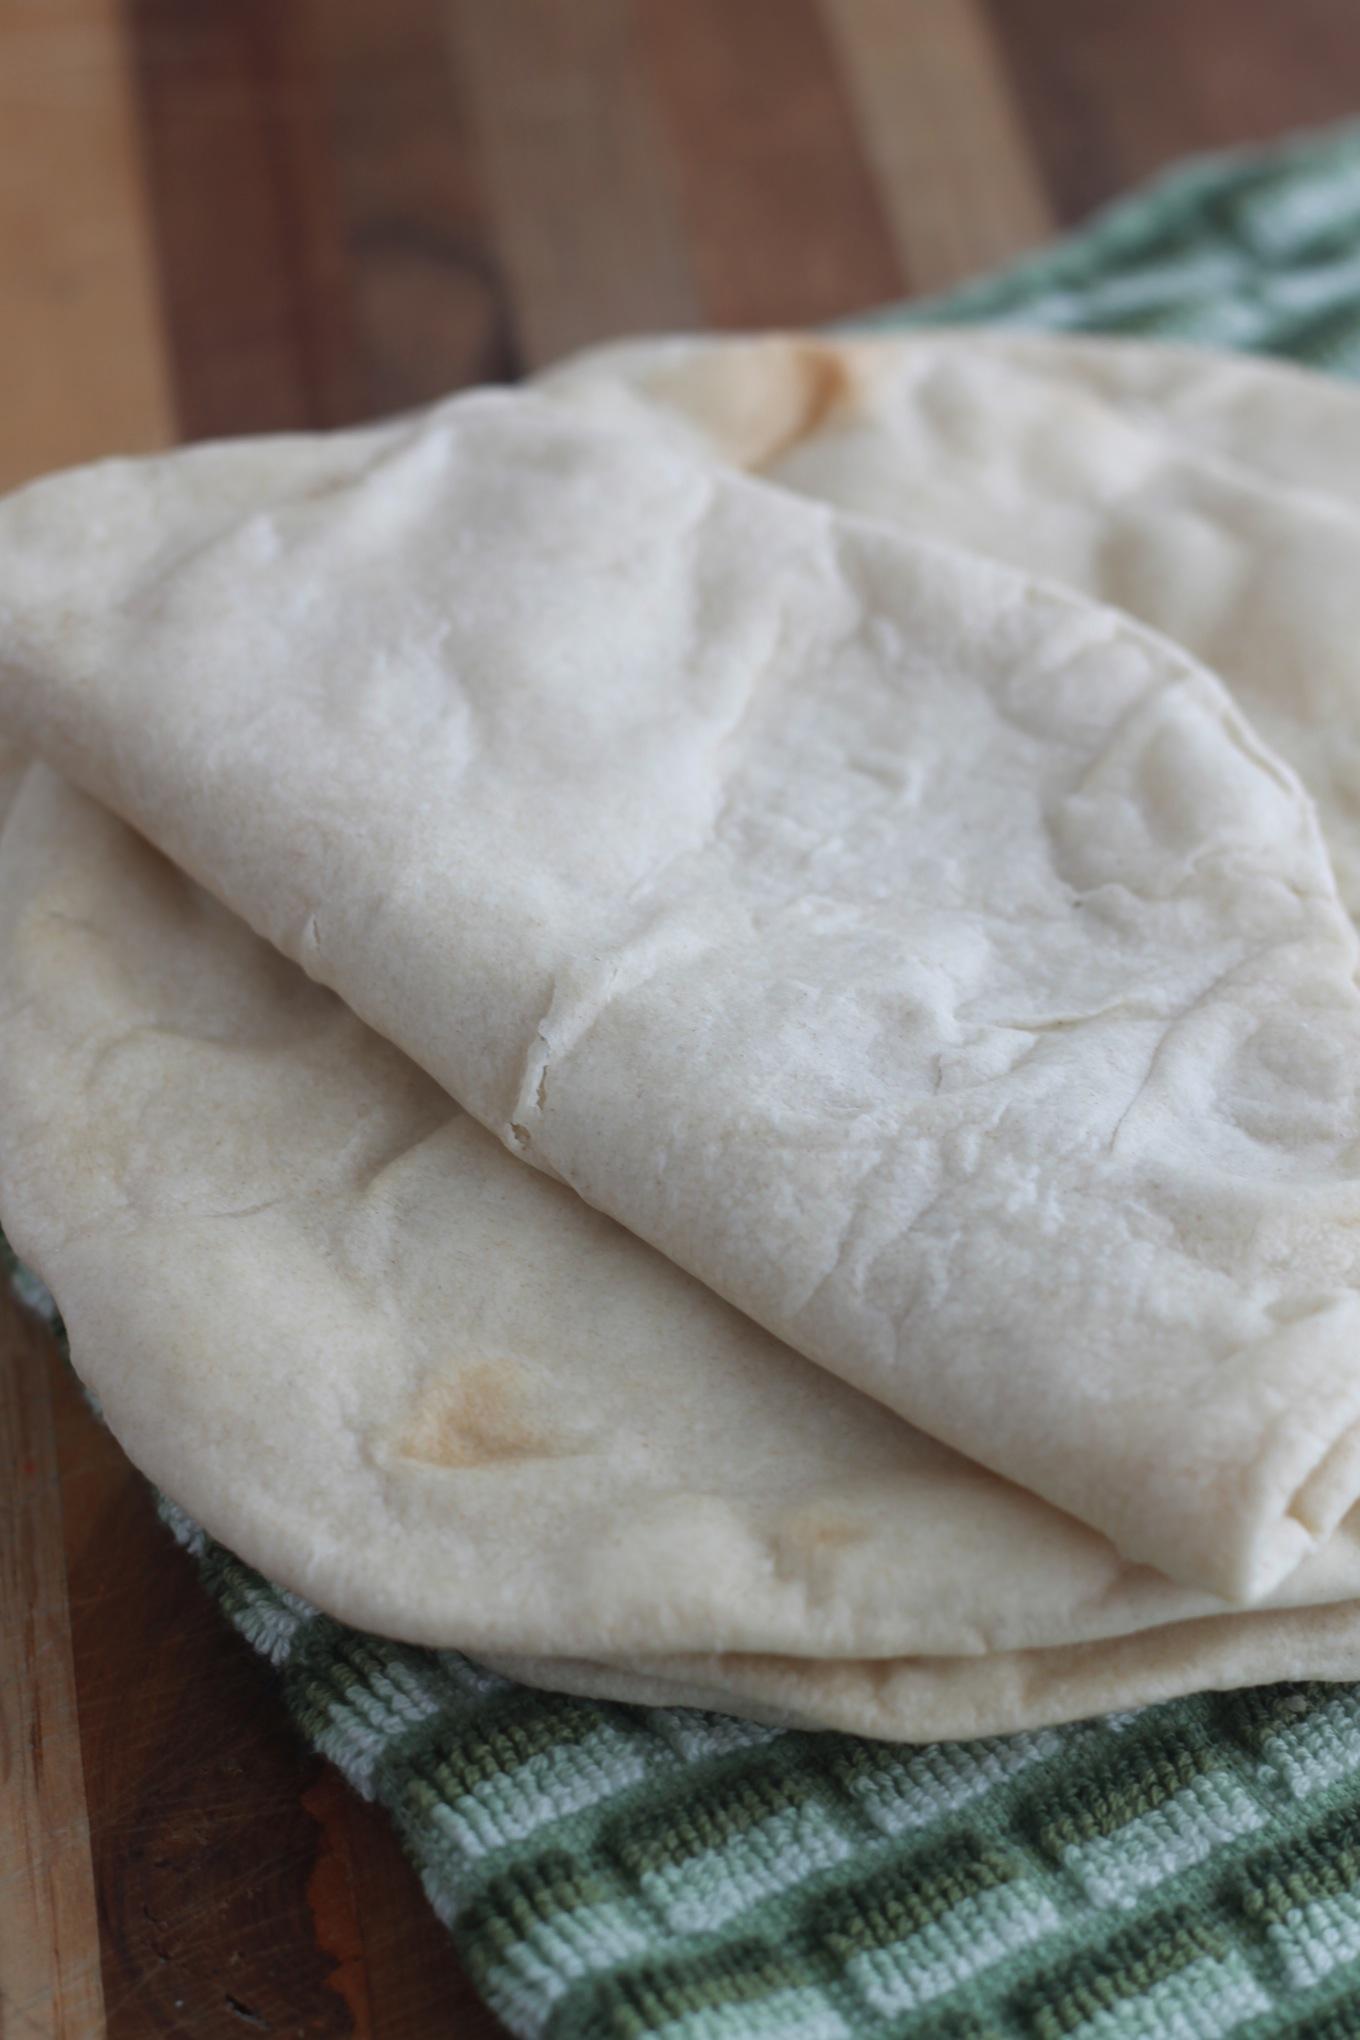 Les tortillas mexicaines à base de farine de blé. Simples et très faciles à faire. Vous pouvez les faire cuire au four ou à la poêle.